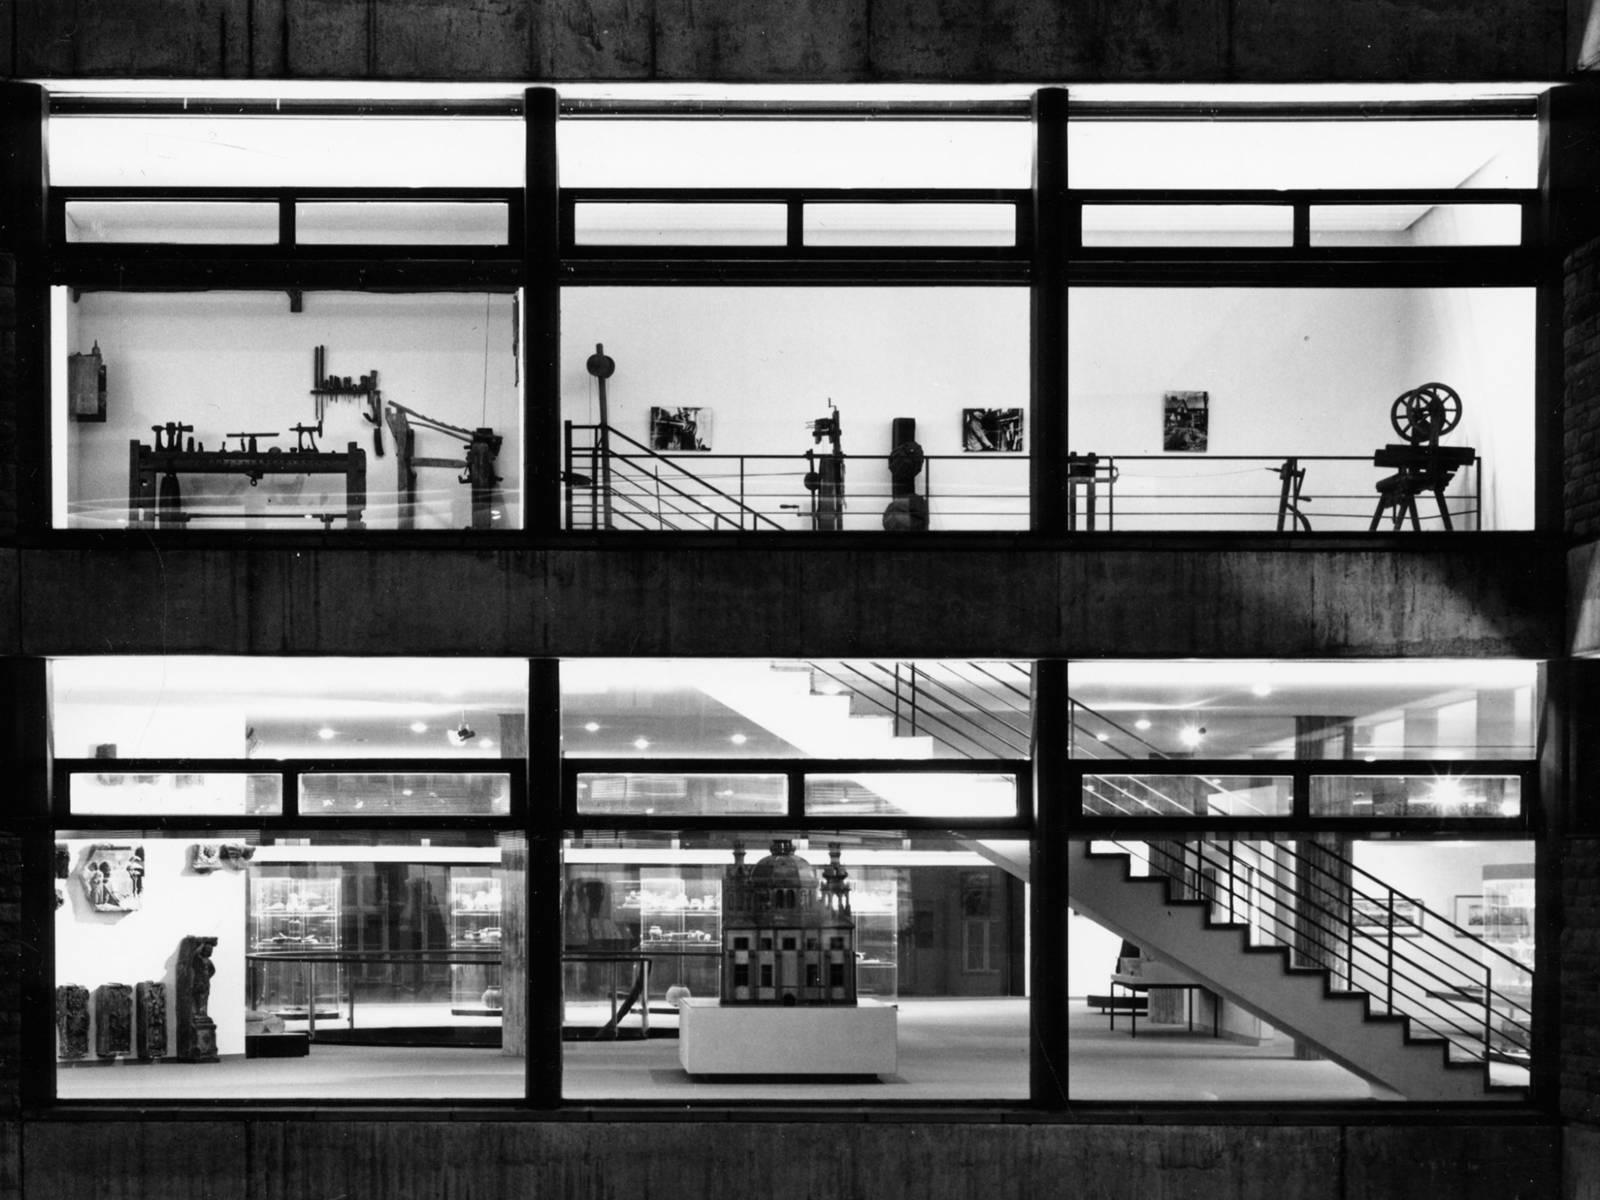 Ein nächtlicher Blick auf das Museumsfoyer und die Ausstellungsräume, aufgenommen aus dem Innenhof (1966)